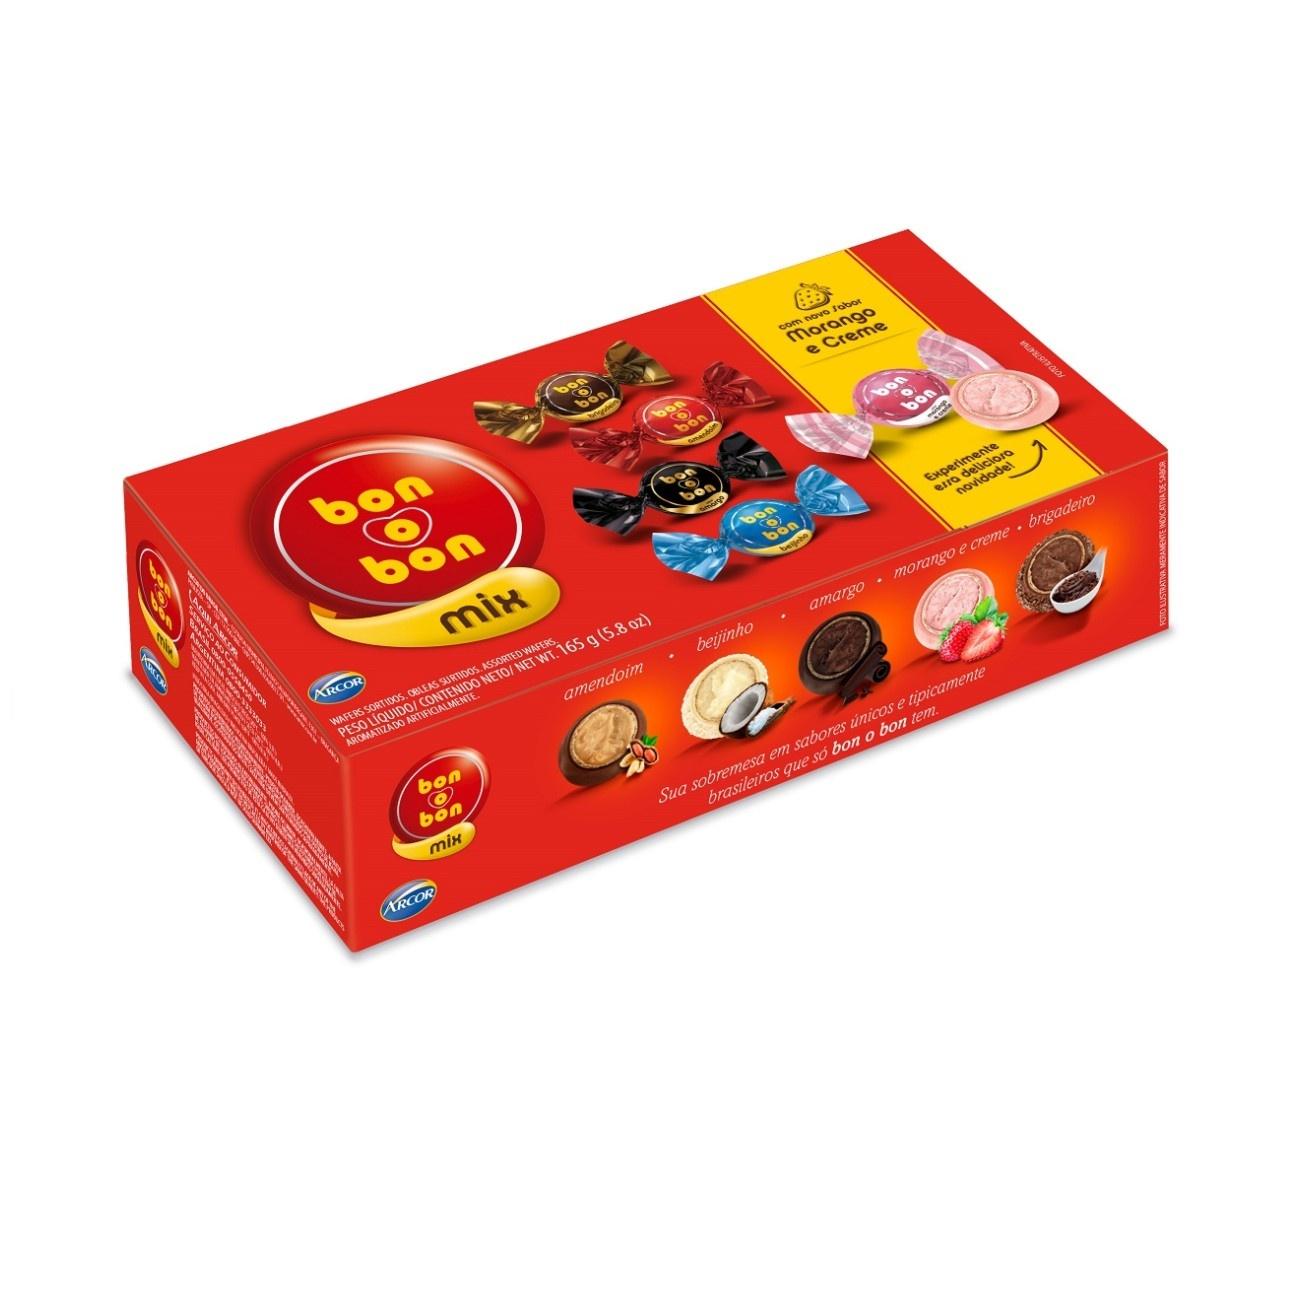 Caixa de Bombons Sortidos Bonobon 165g